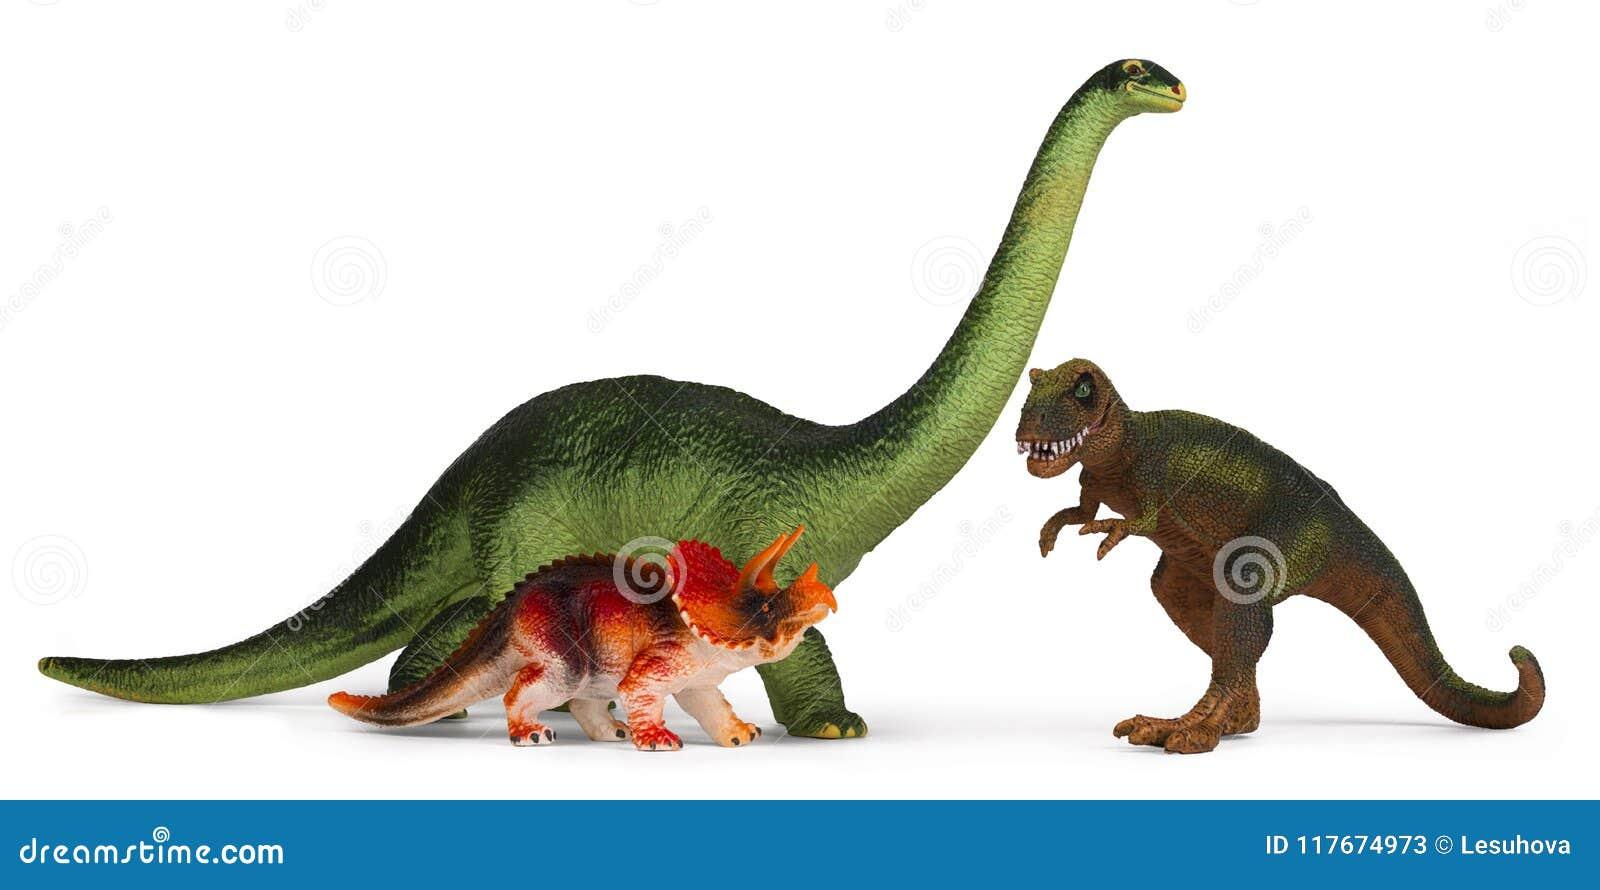 Diplodoc Del Dinosaurio Verde Y Rex Del Tiranosaurio Imagen De Archivo Imagen De Verde Dinosaurio 117674973 Dinosaurio verde erase una vez un pequeño dinosaurio al que no le gustaba su color porque le parecía muy triste porque veía que en el mundo que él vivía existi… https es dreamstime com diplodoc del dinosaurio verde y rex tiranosaurio image117674973